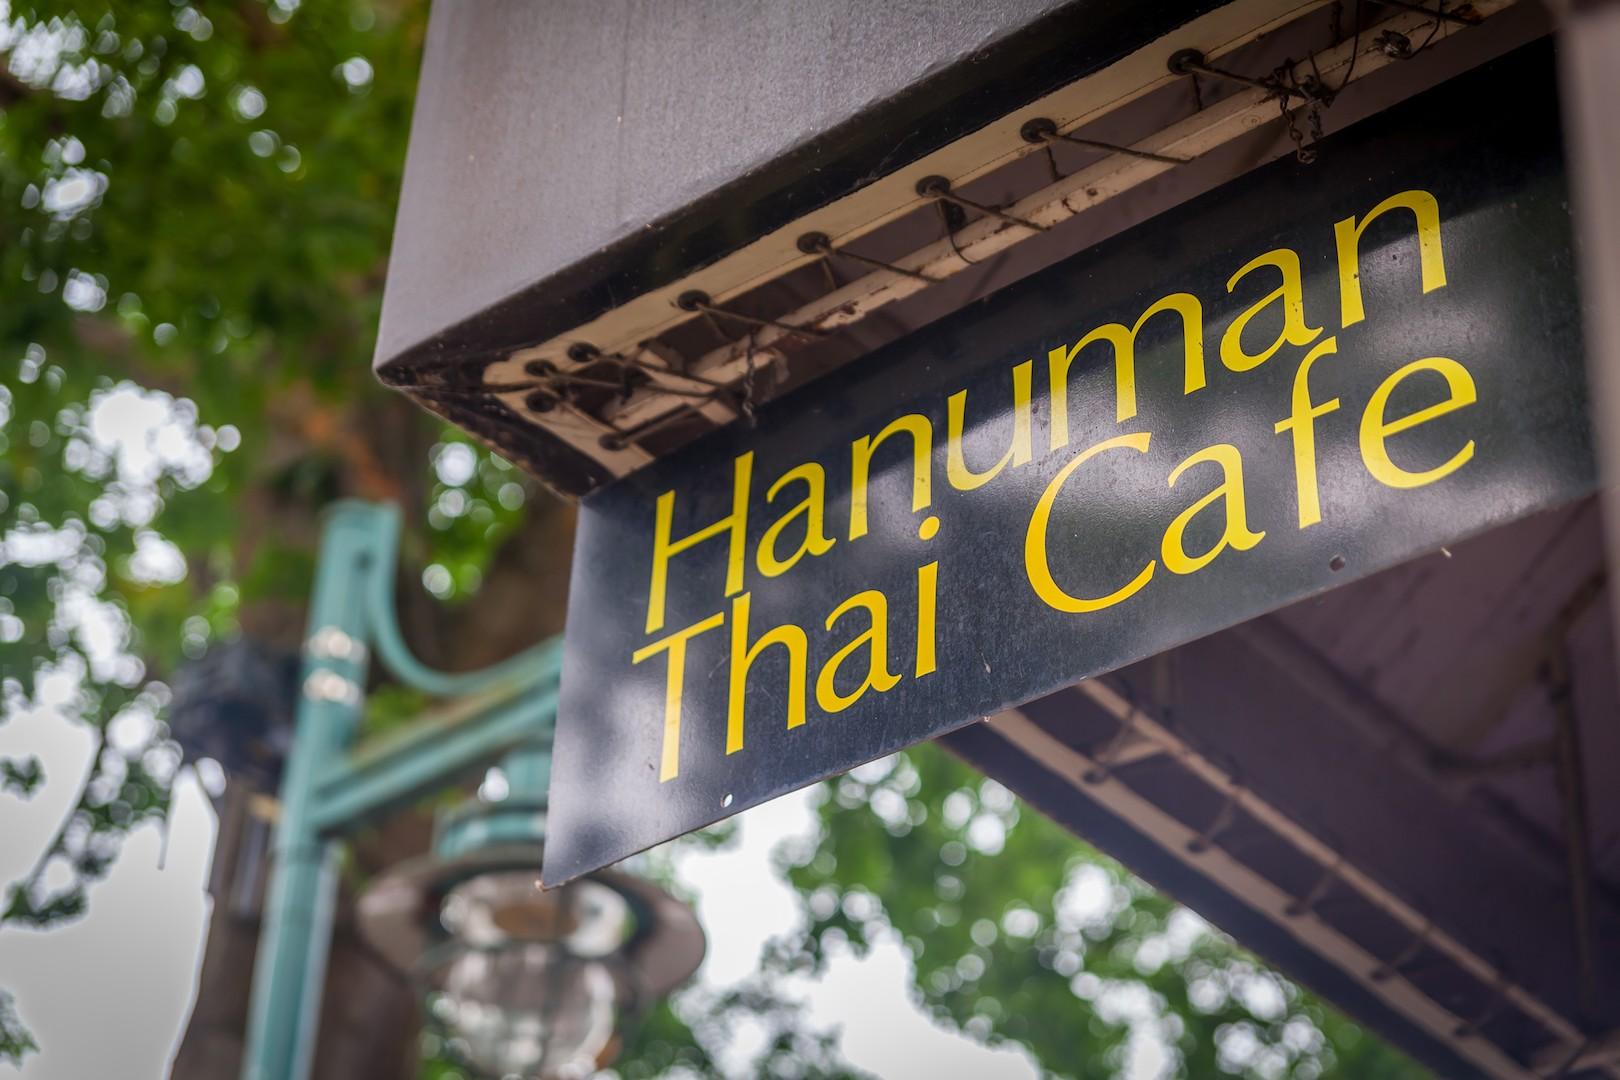 HANUMAN THAI CAFE